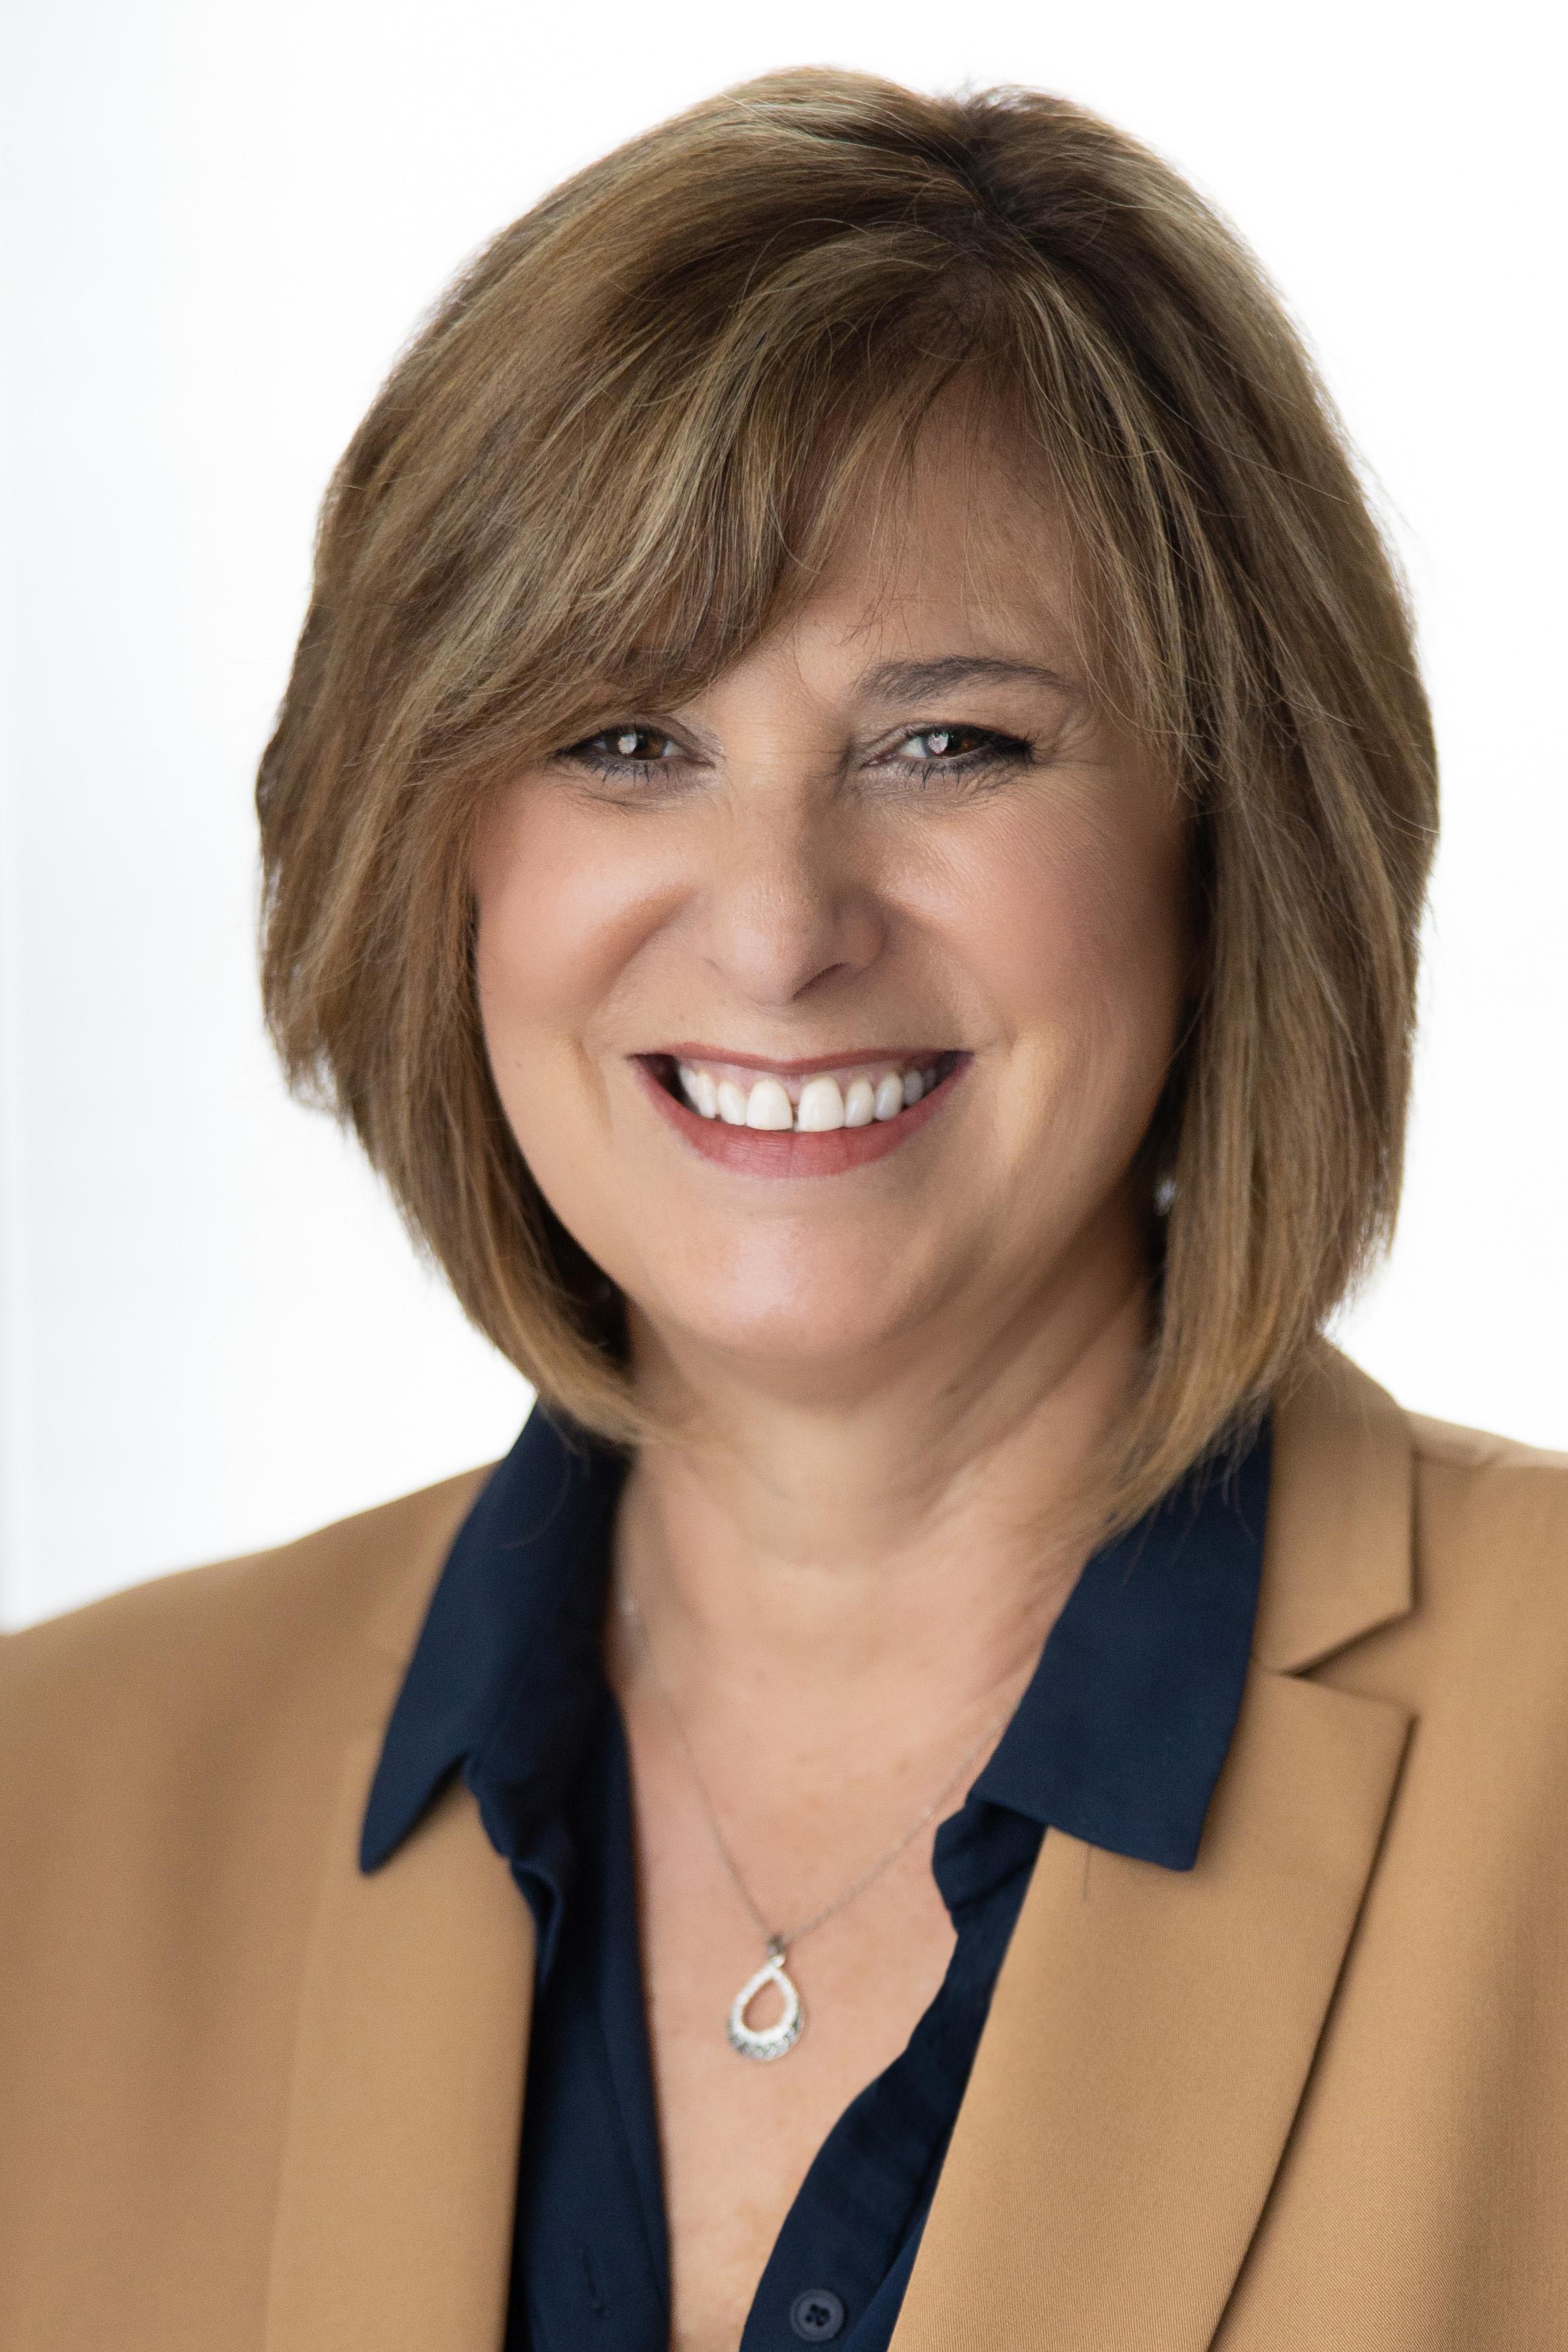 Denise Woerner